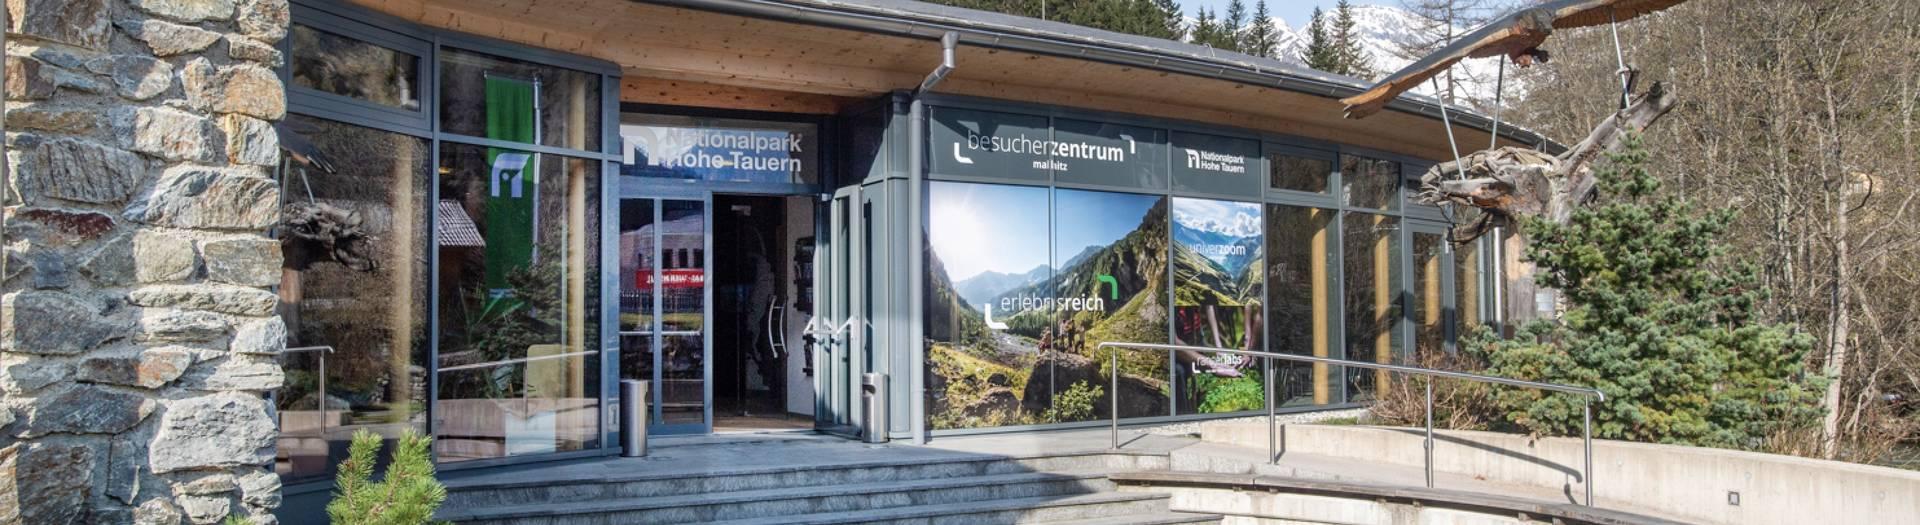 Besucherzentrum Mallnitz